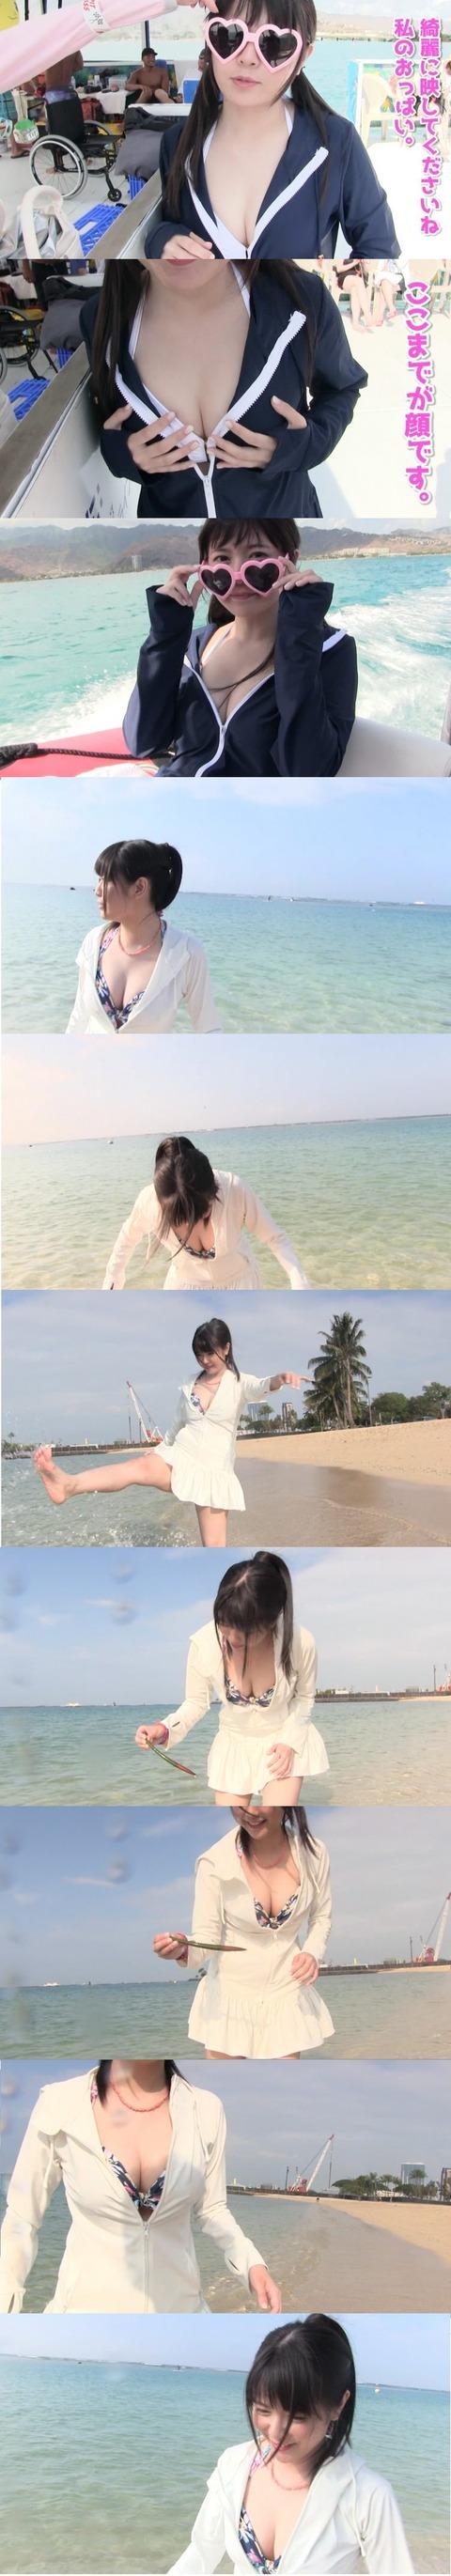 【画像】声優・竹達彩奈さんの水着お乳エッッッッッッッッッッッッッッッッッッッッッッッッッッッッッッッッッッッッッッッッッッ